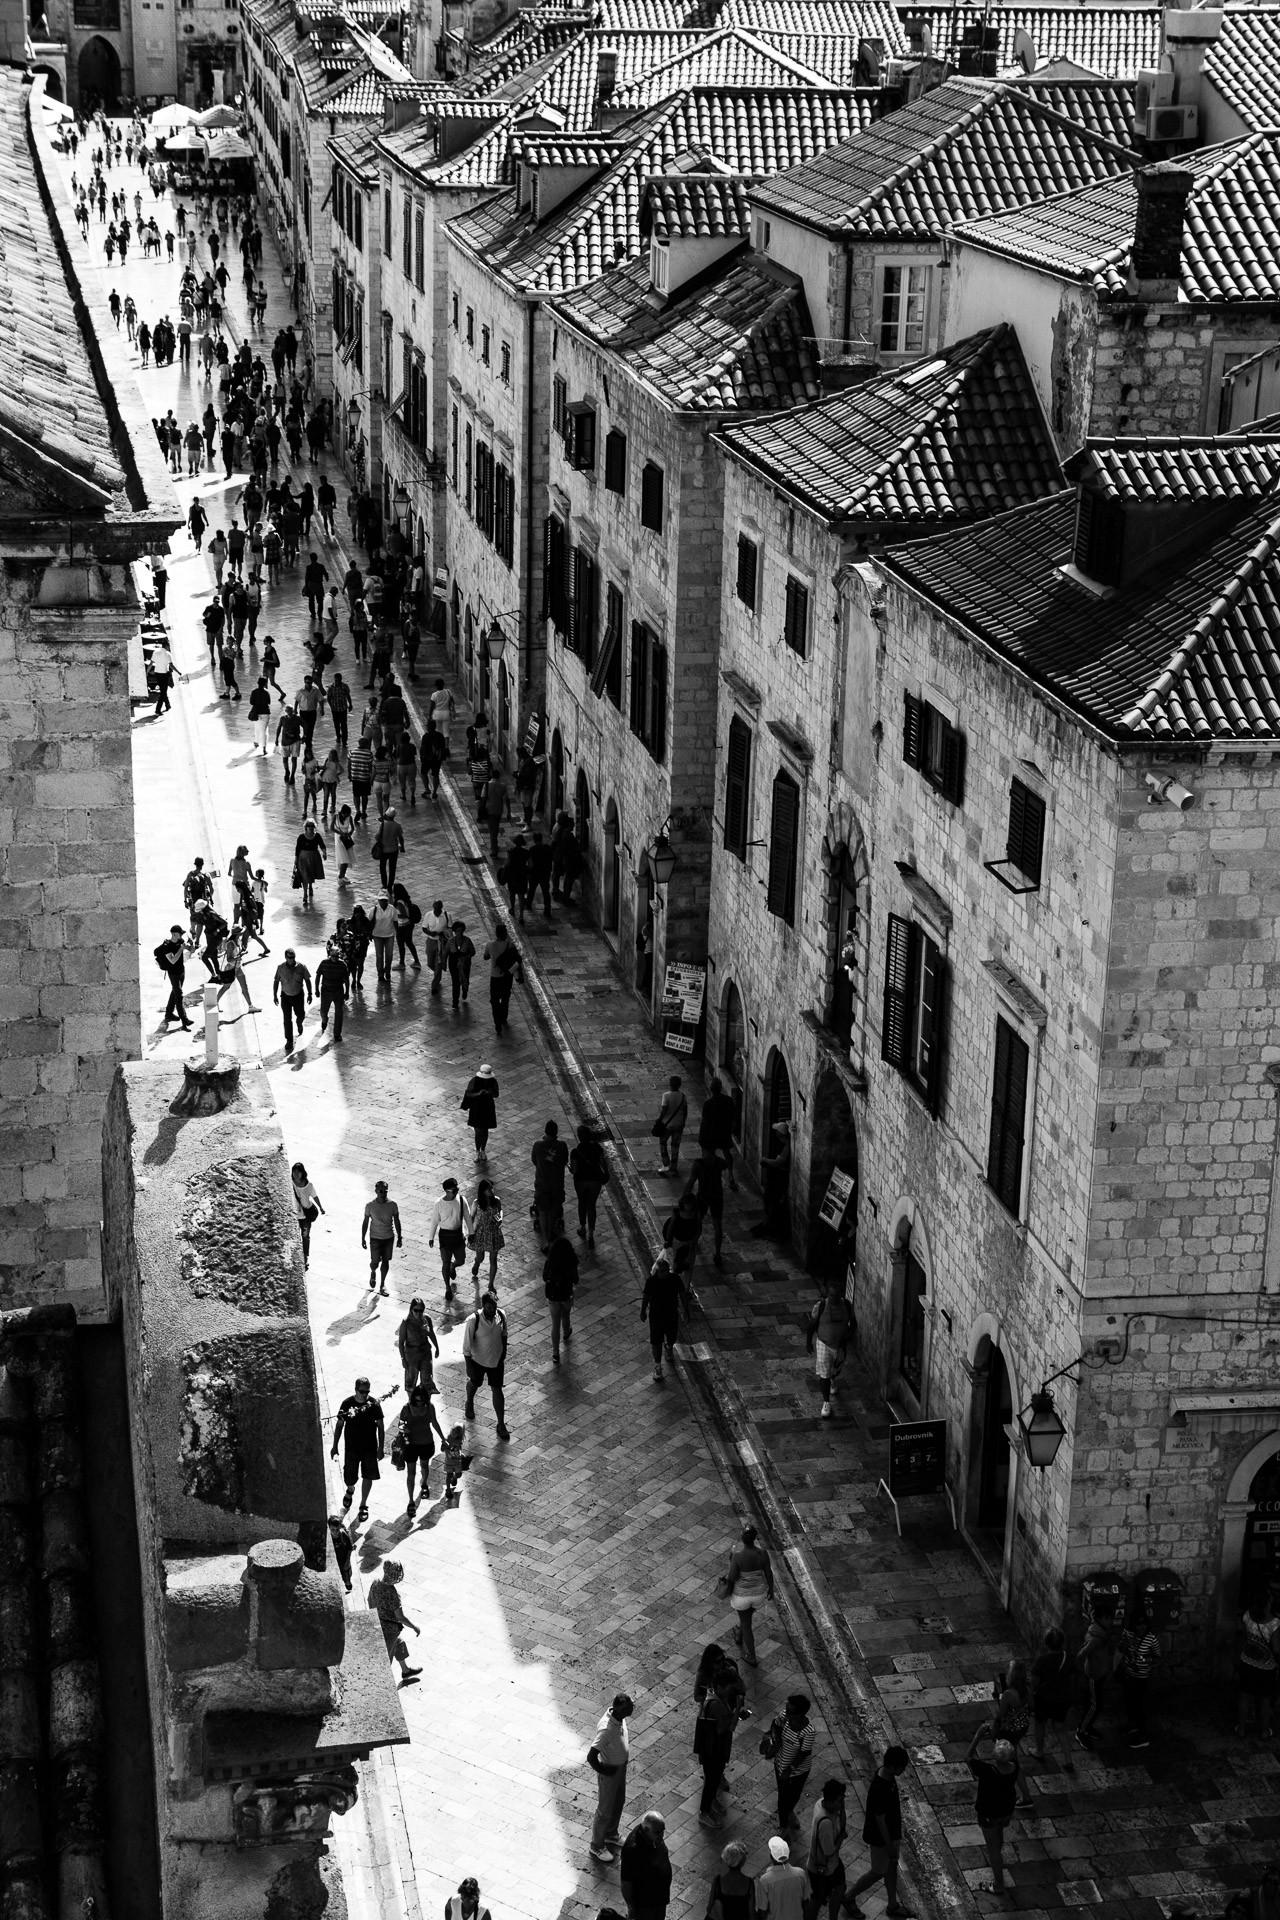 Mathias Dingjan - Main street in Dubrovnik (Voorkeur)